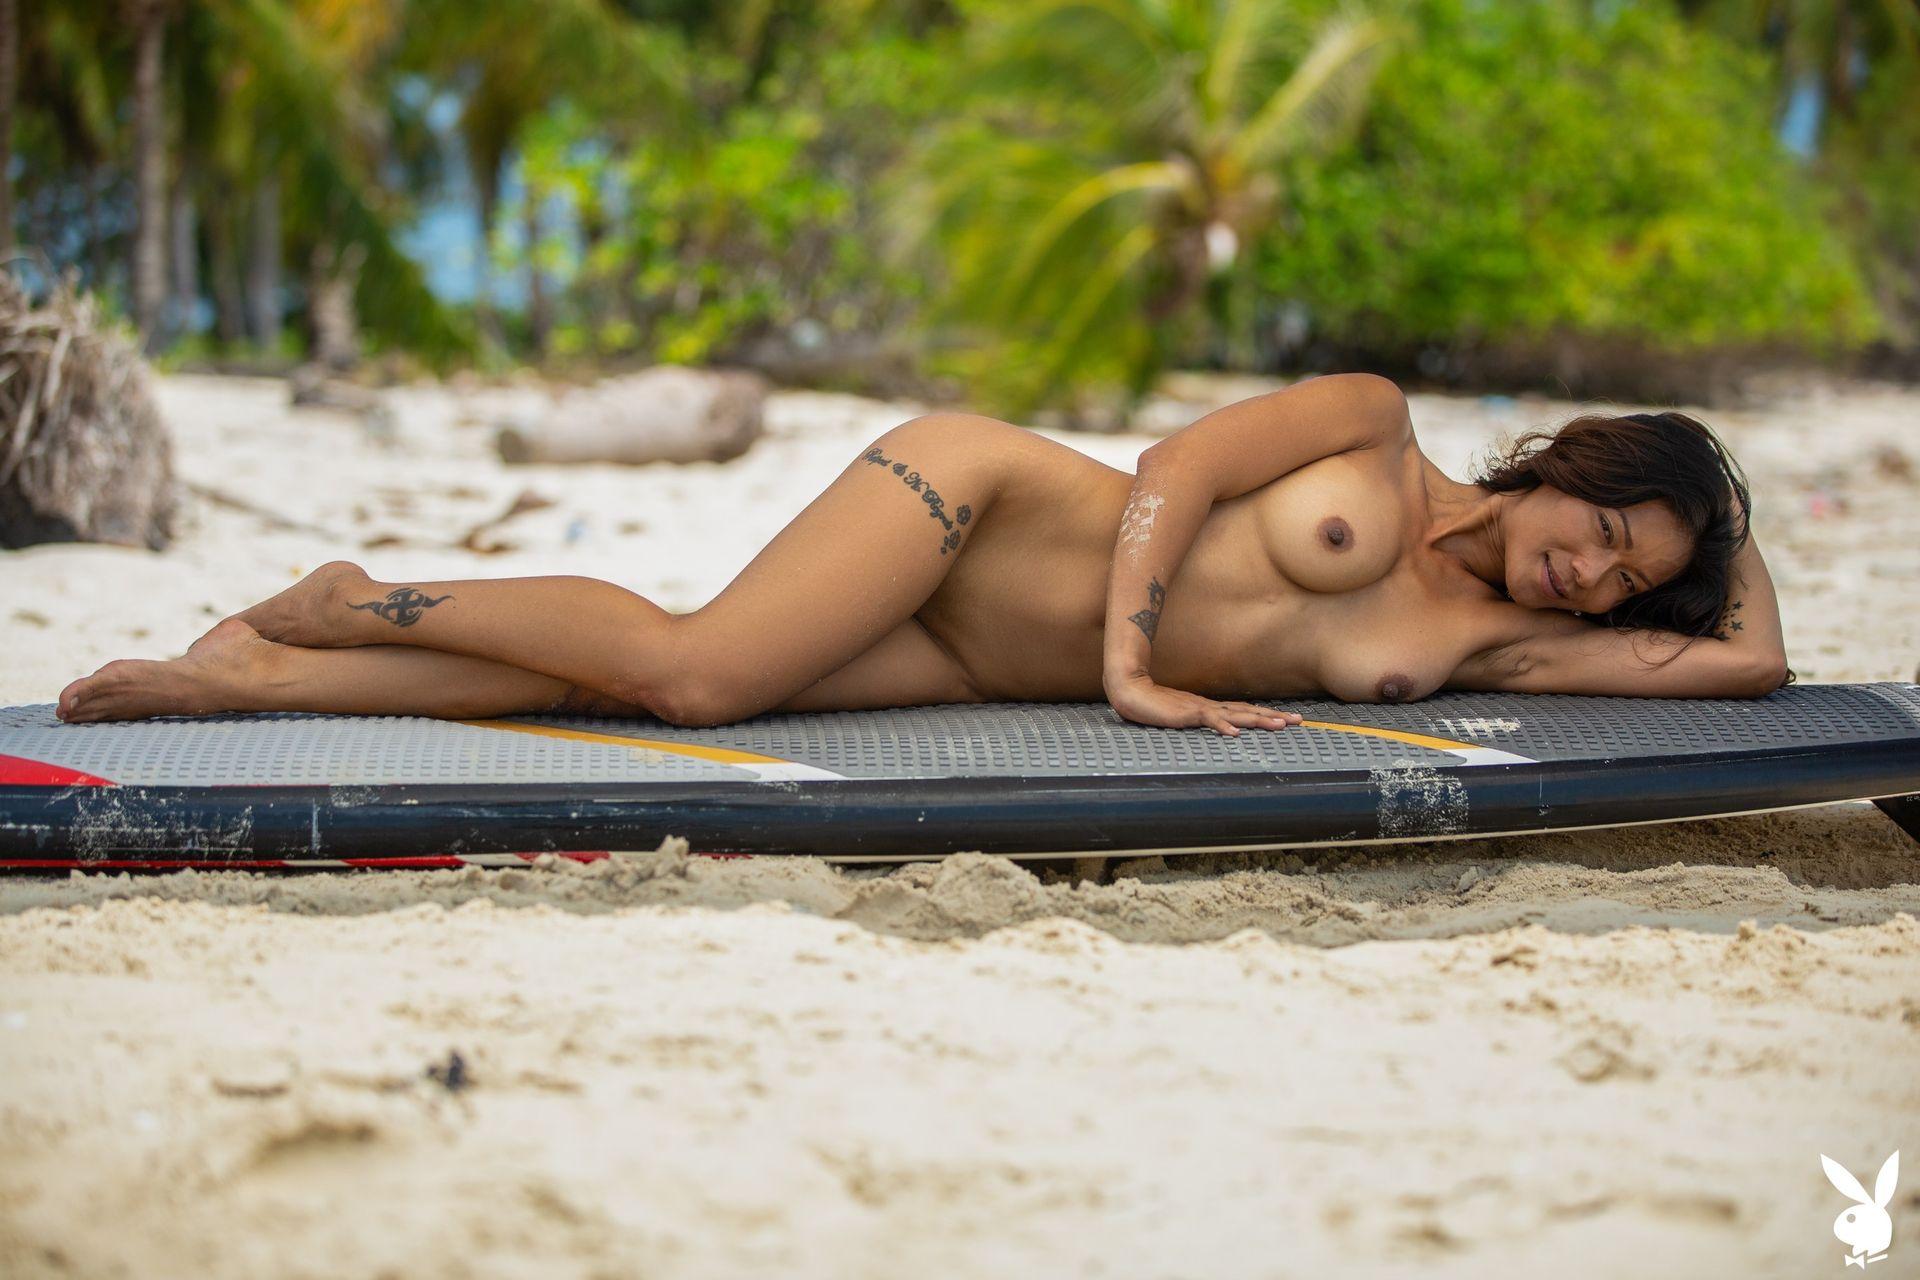 Maki Katana The Fappenig Nude